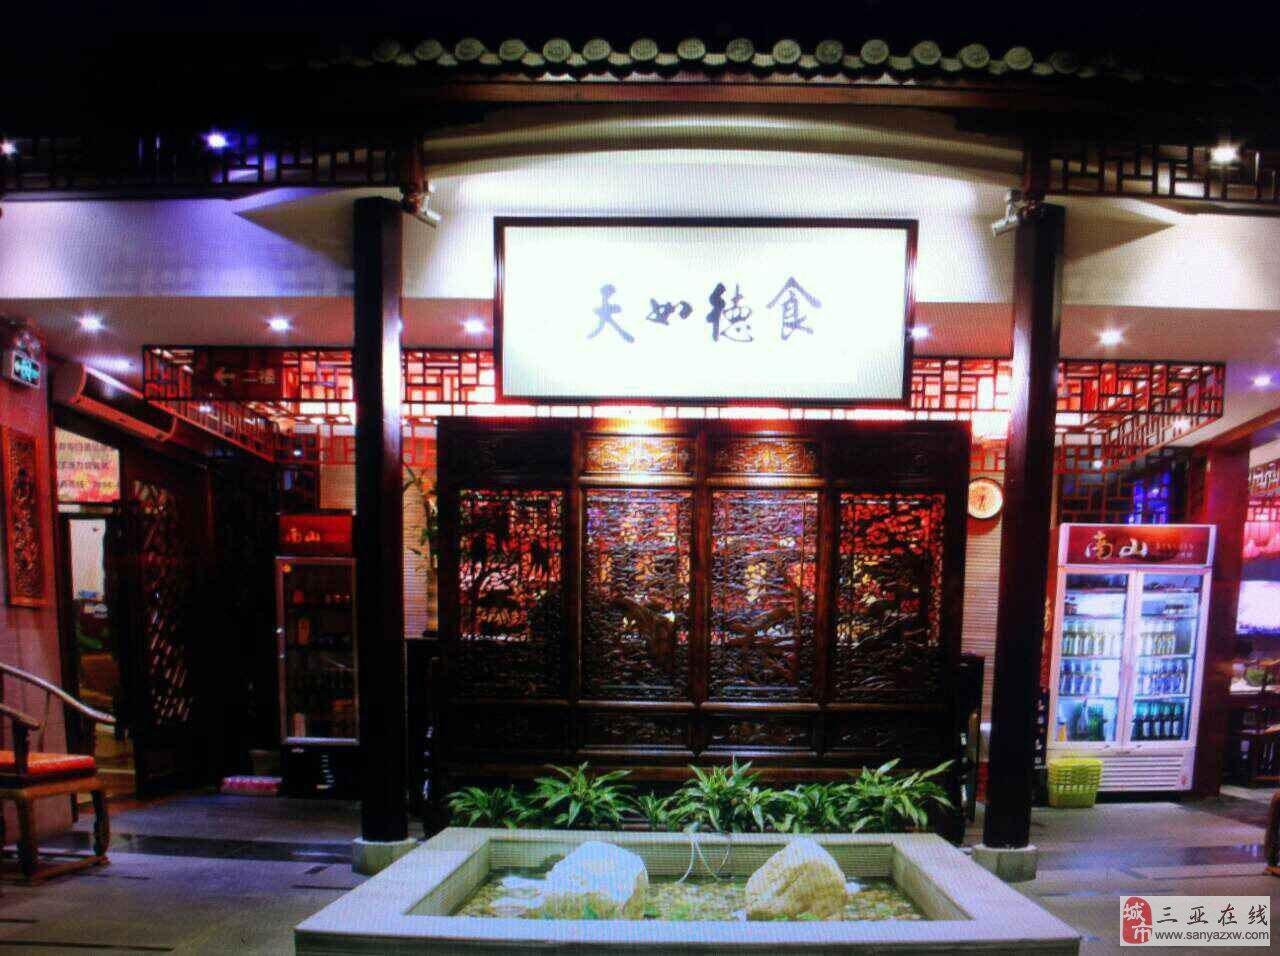 """【三亚在线美食试吃团】第二站――重庆南山火锅"""""""